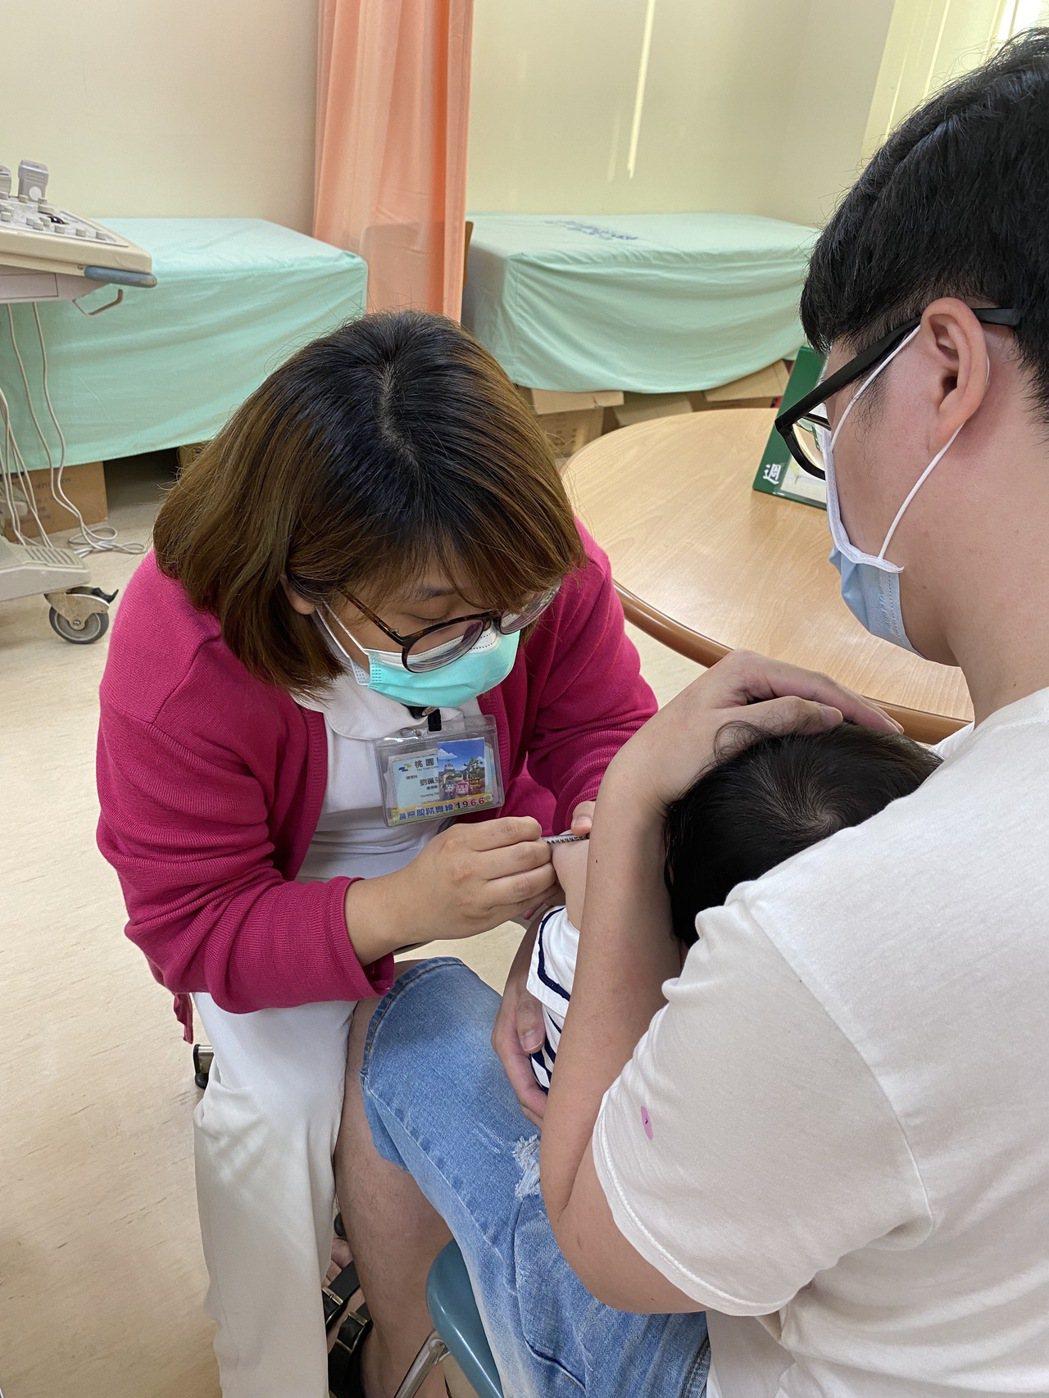 桃園醫院每個月第1周的周一下午2點至4點有卡介苗門診,院方建議家長可先預約,避免...